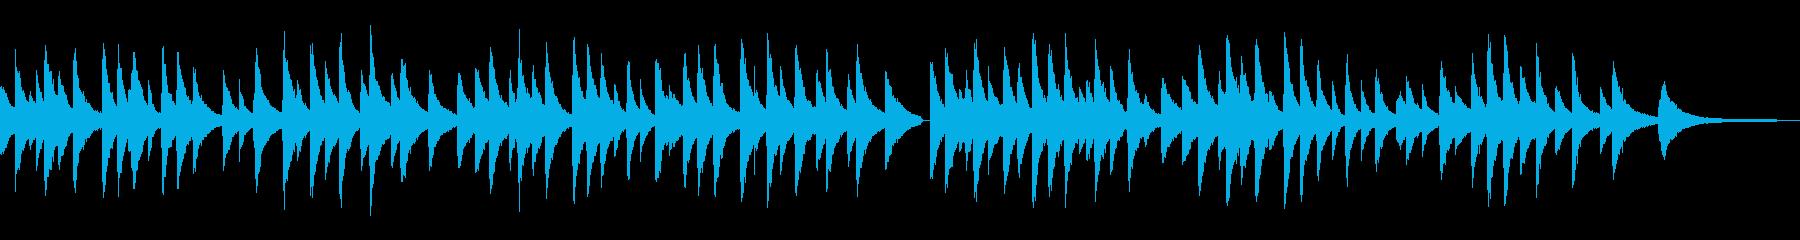 切ないジャズラウンジピアノソロ/外国民謡の再生済みの波形